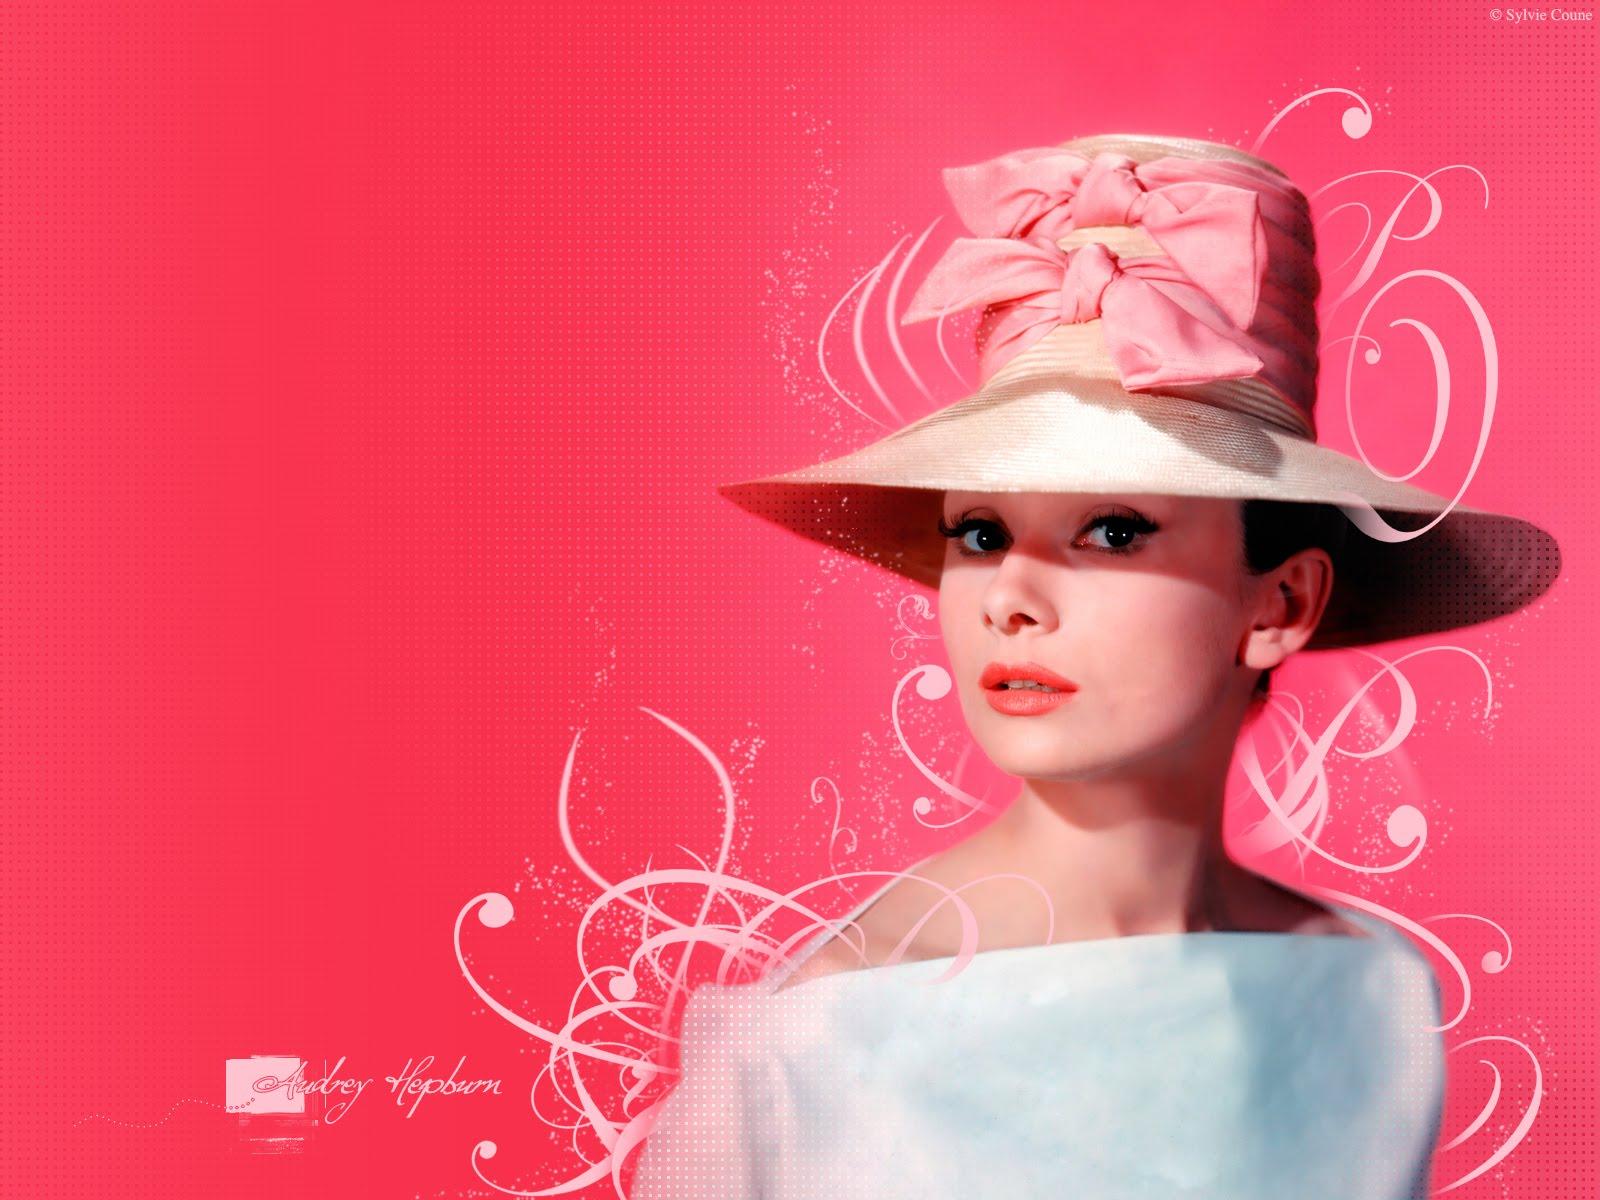 http://4.bp.blogspot.com/_pZ5-VIeGfa0/S-CNEGxBqlI/AAAAAAAACD4/tu_hqGzOQRM/s1600/Audrey_Hepburn265.jpg